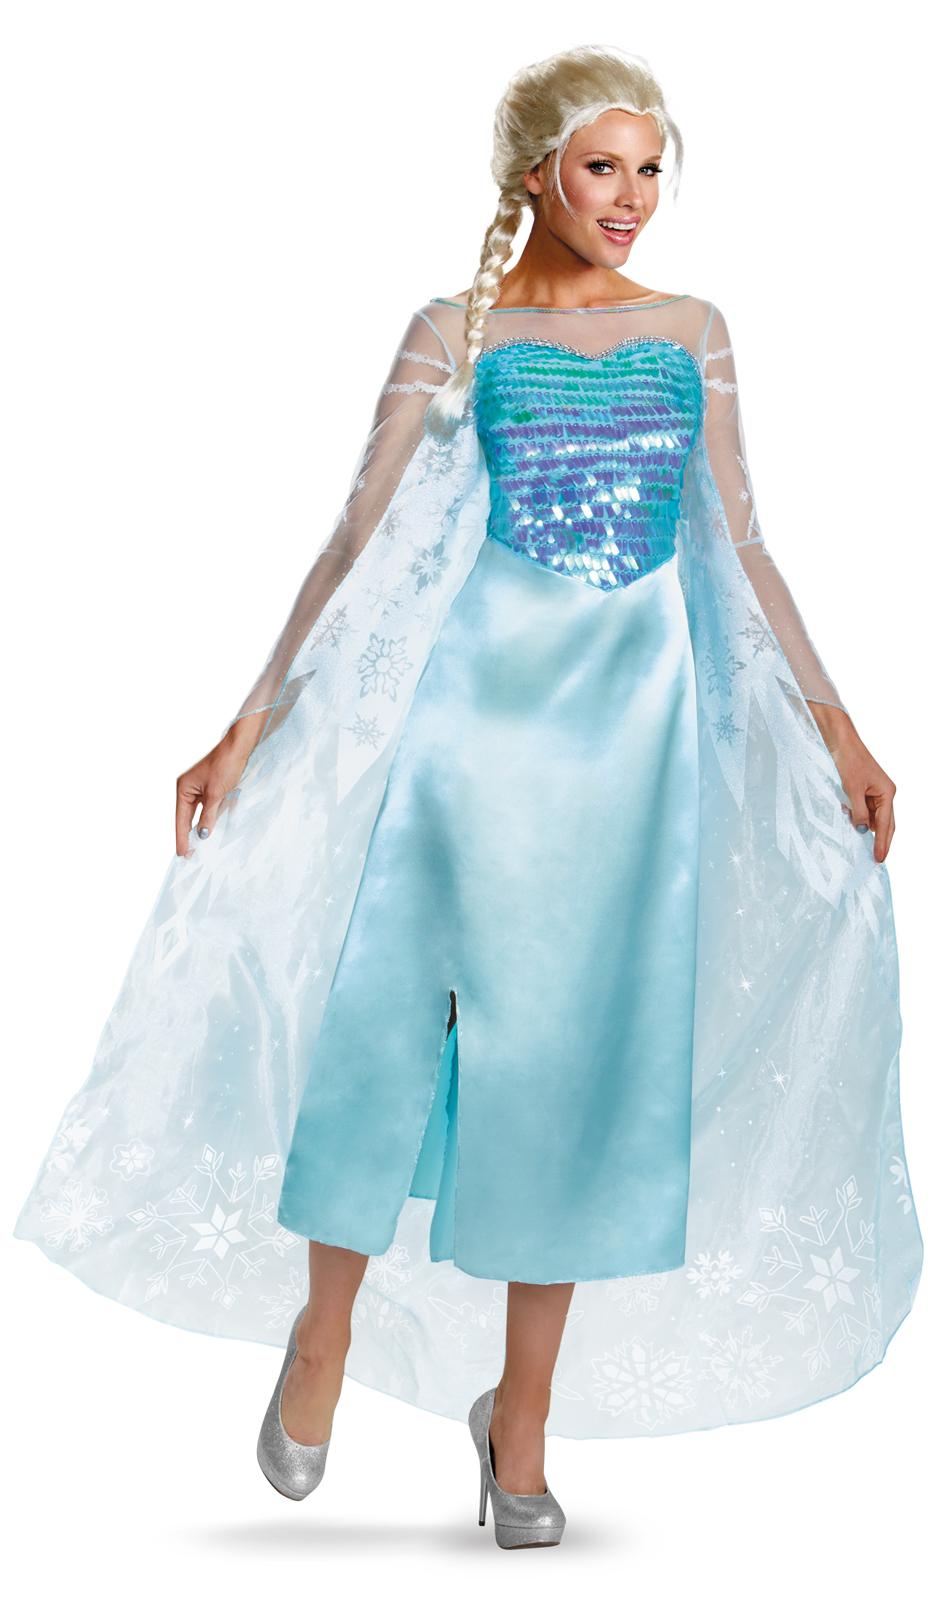 Disney Frozen - Deluxe Elsa Dress | BuyCostumes.com